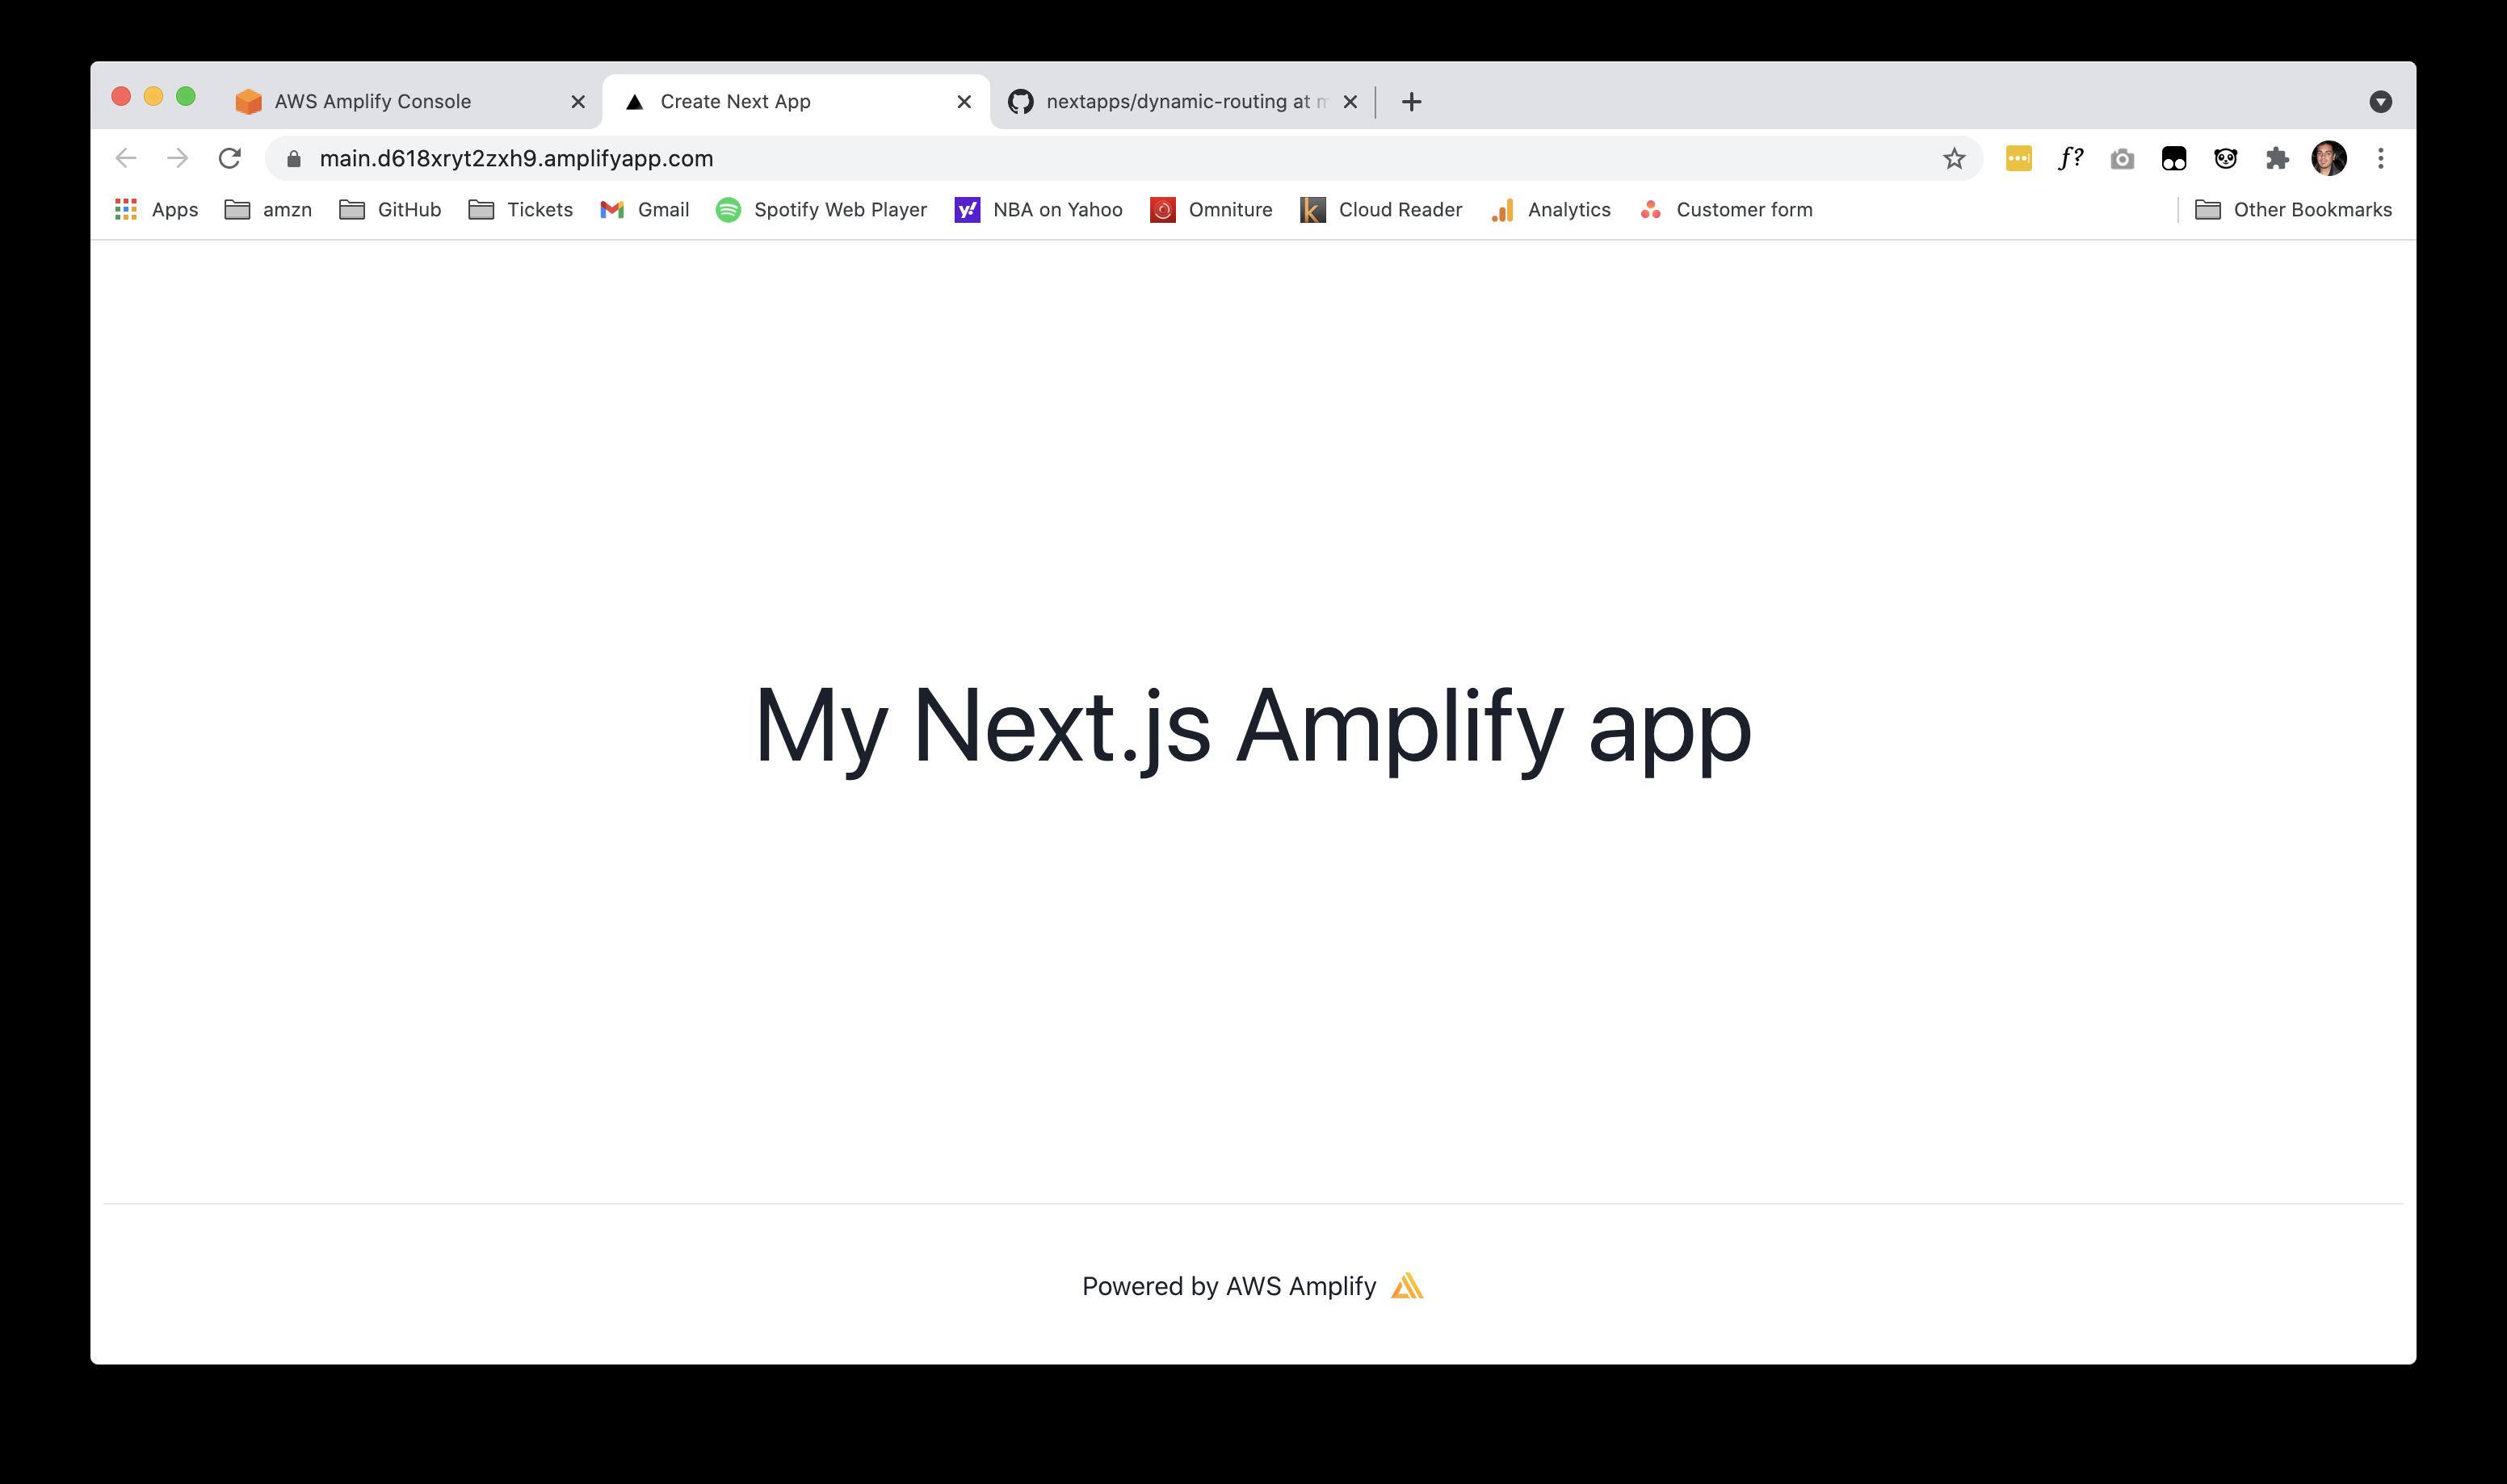 My Next.js Amplify App deployed on Amplify backend